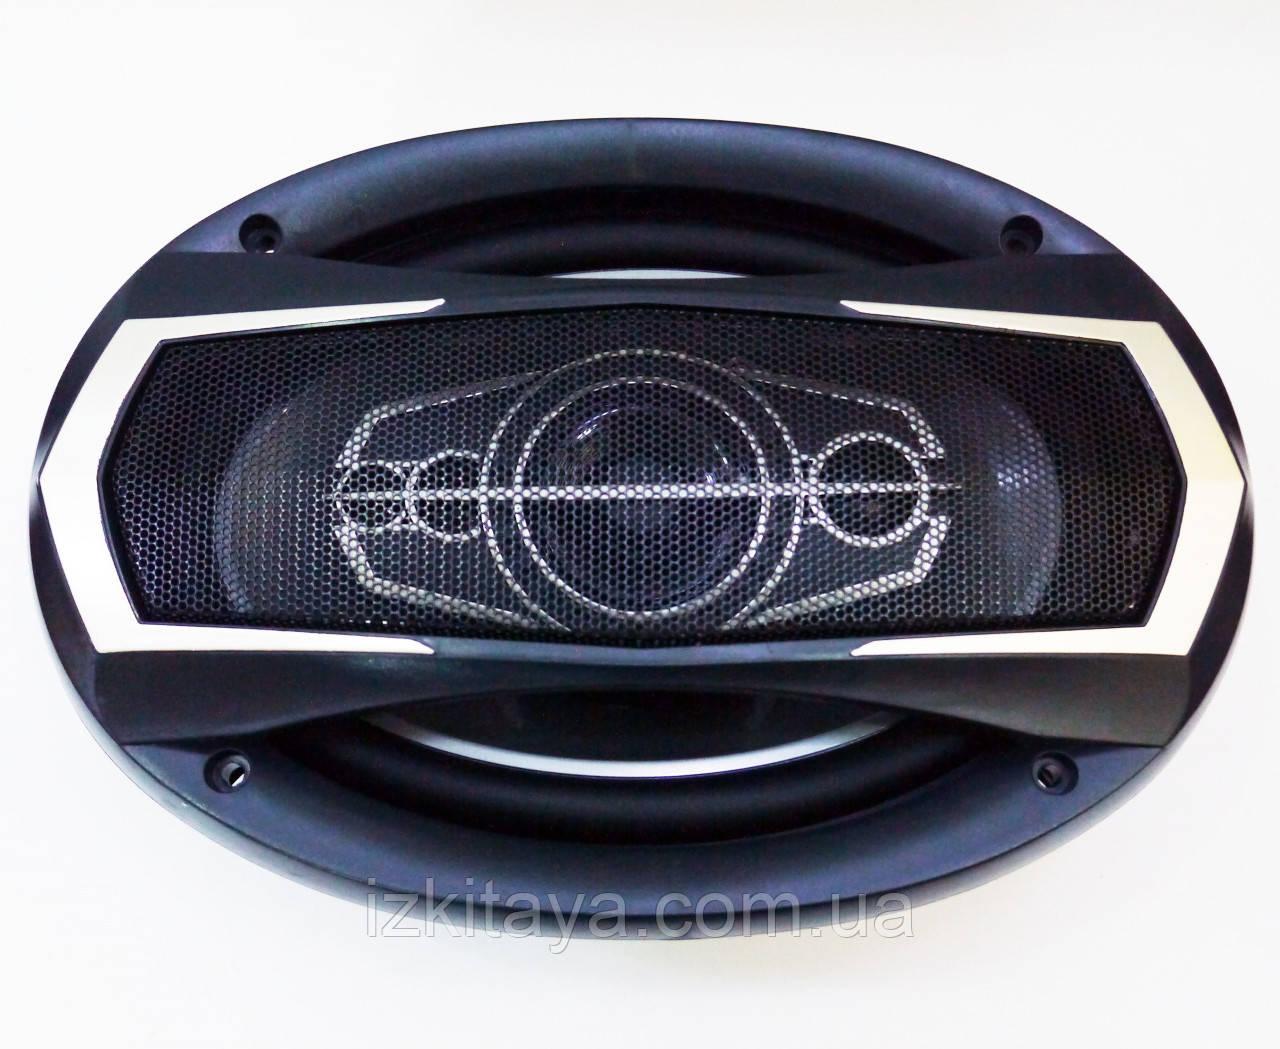 Автомобильные колонки динамики Pioneer TS-A6995S Овалы 600 Вт